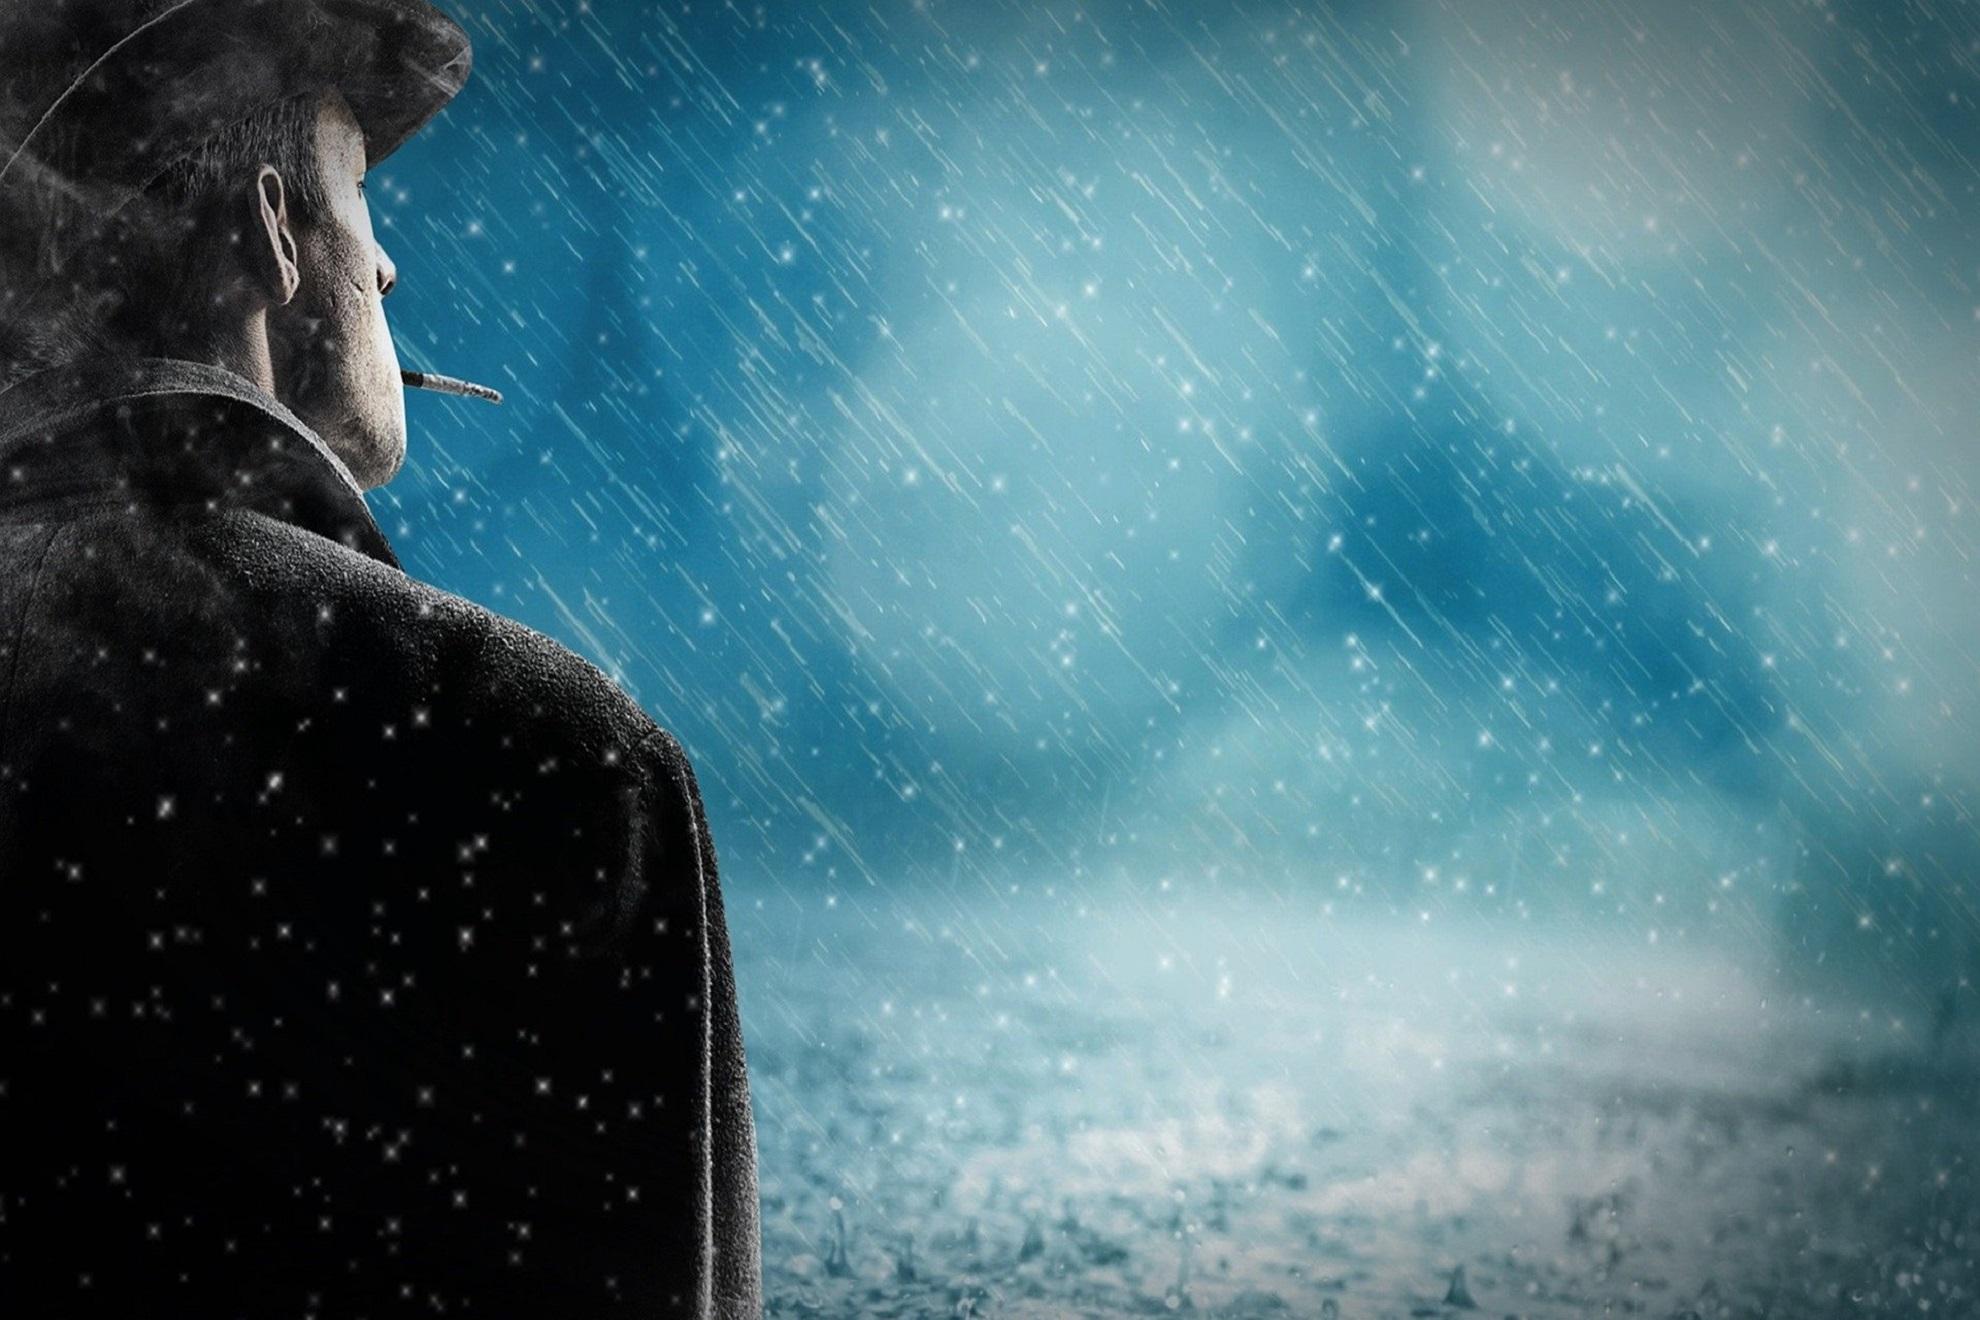 Meteo: se întoarce iarna. Unde avem 21 de centimetri de zăpadă